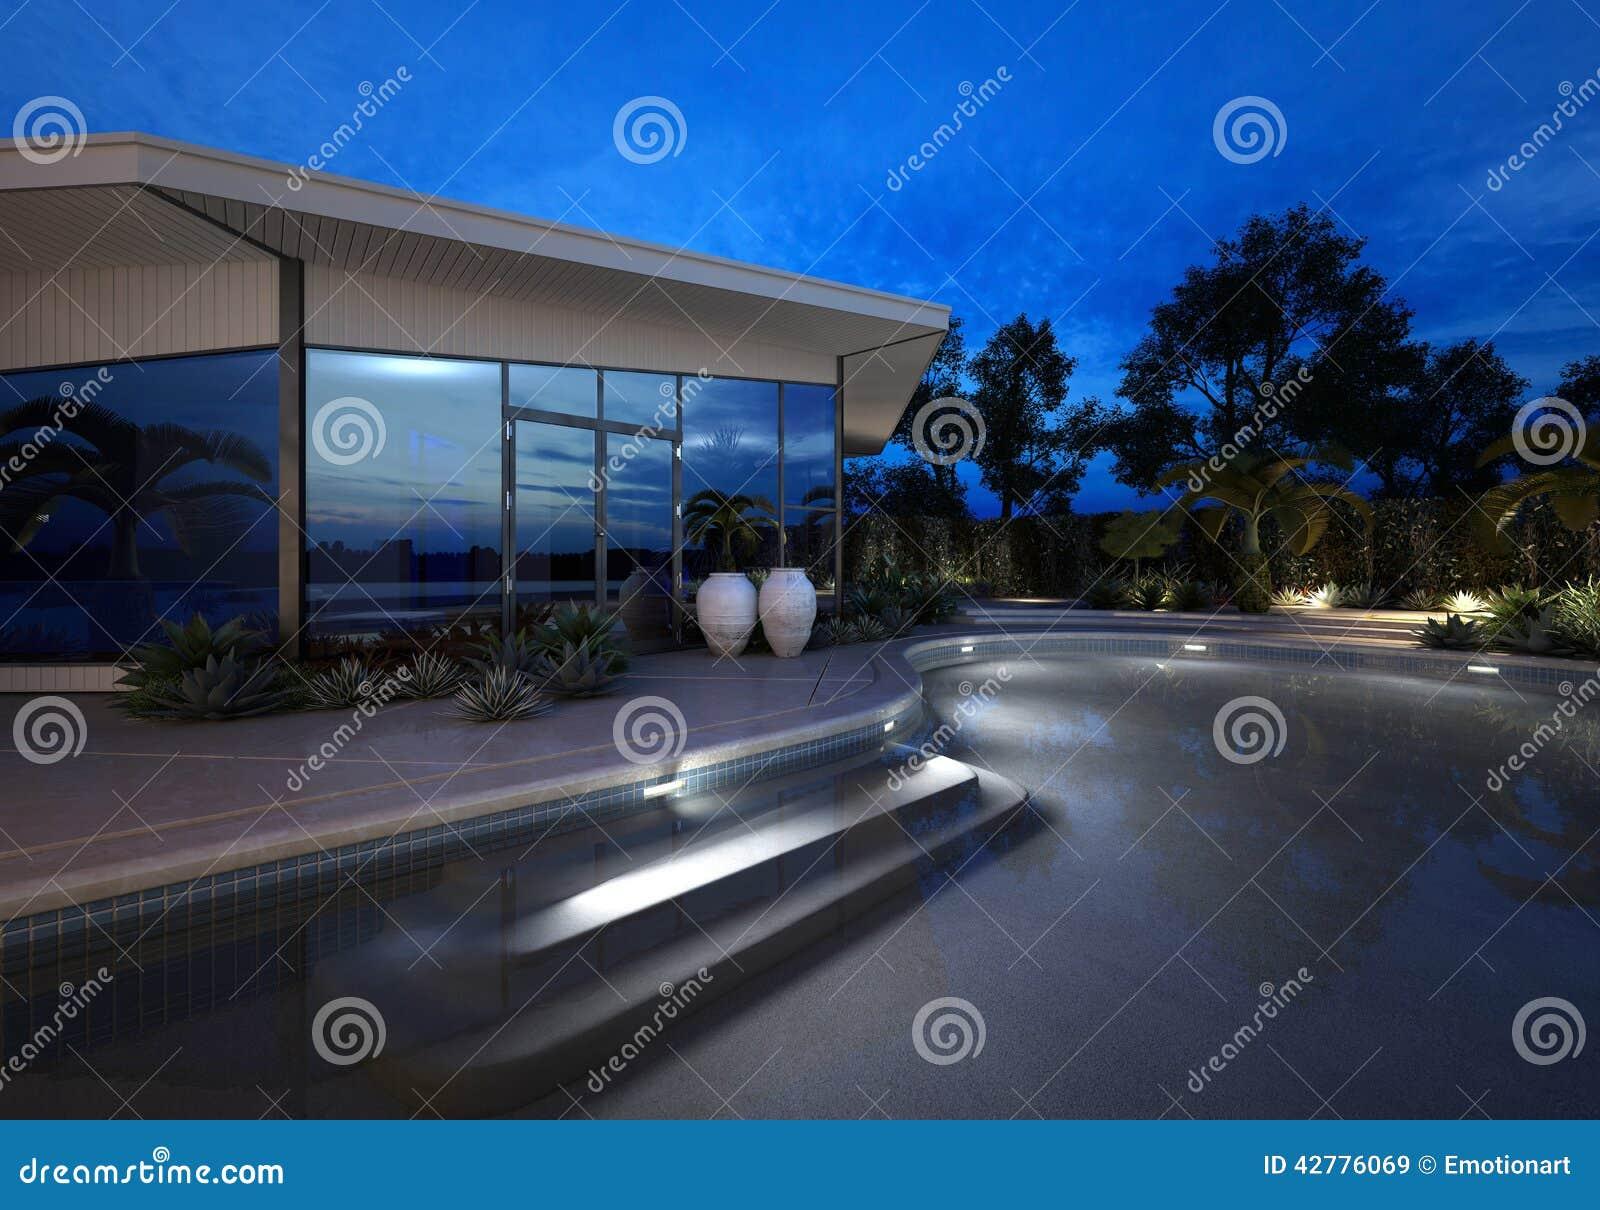 Villa de luxe la nuit avec une piscine lumineuse for Piscine eclairee la nuit